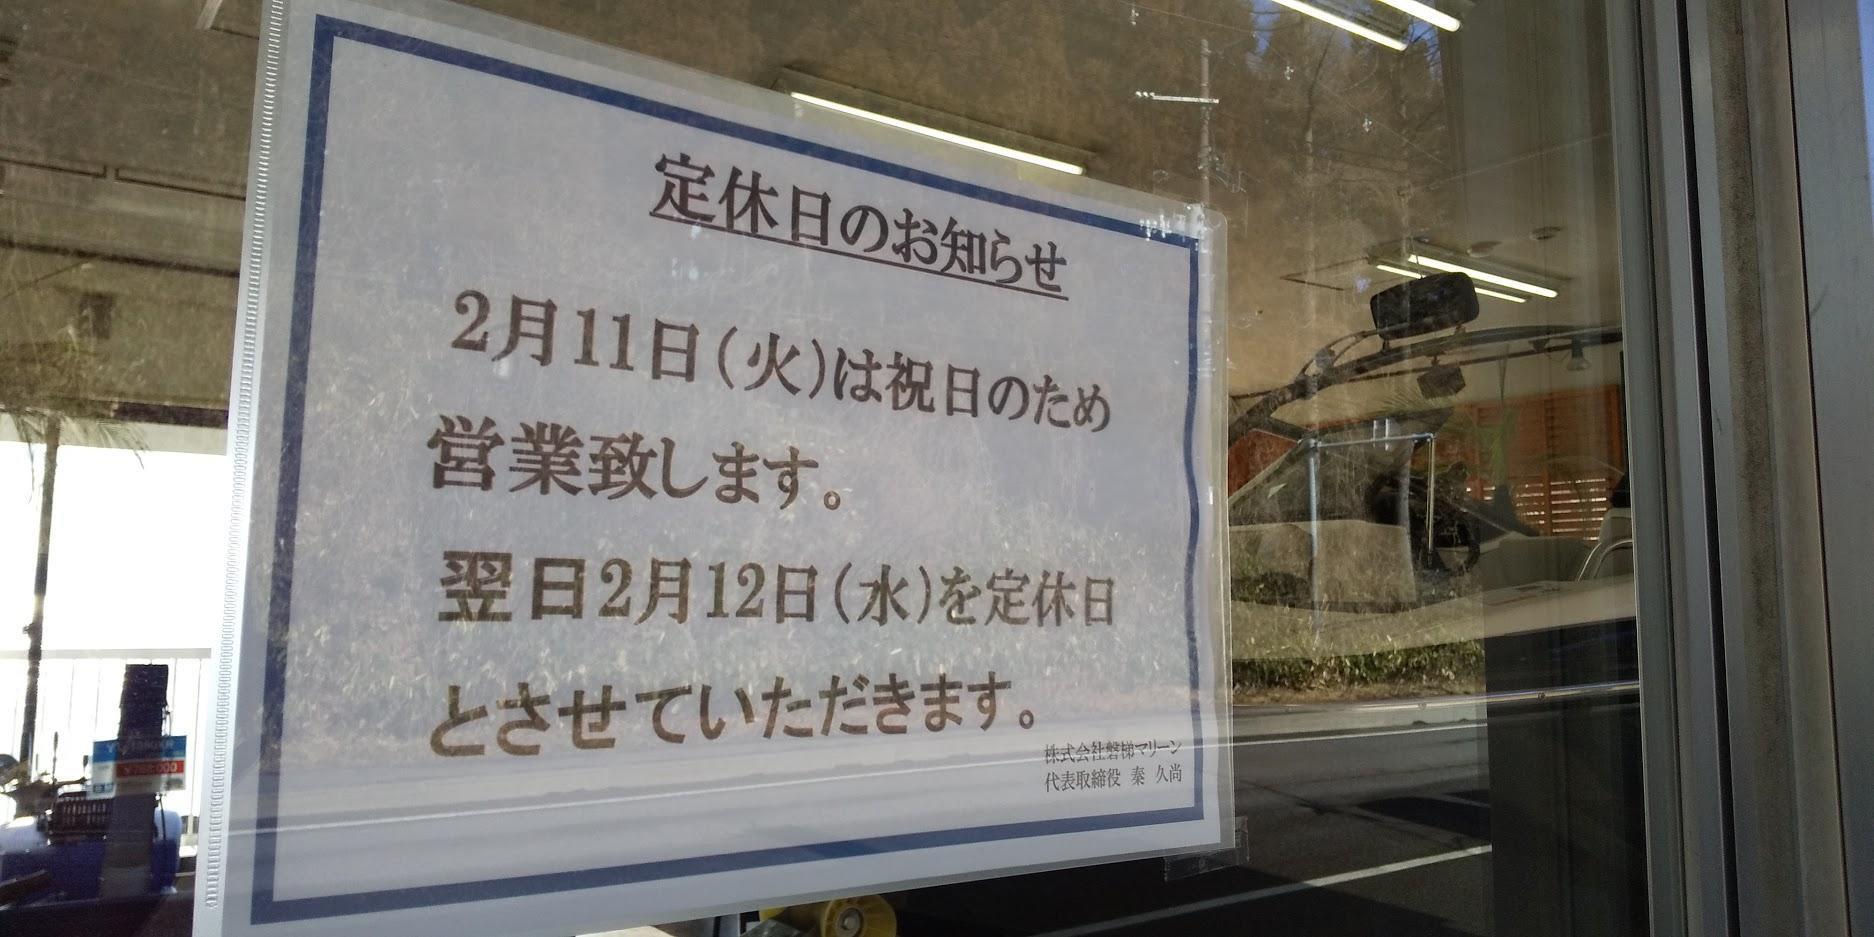 ★磐梯マリーンからのお知らせ★